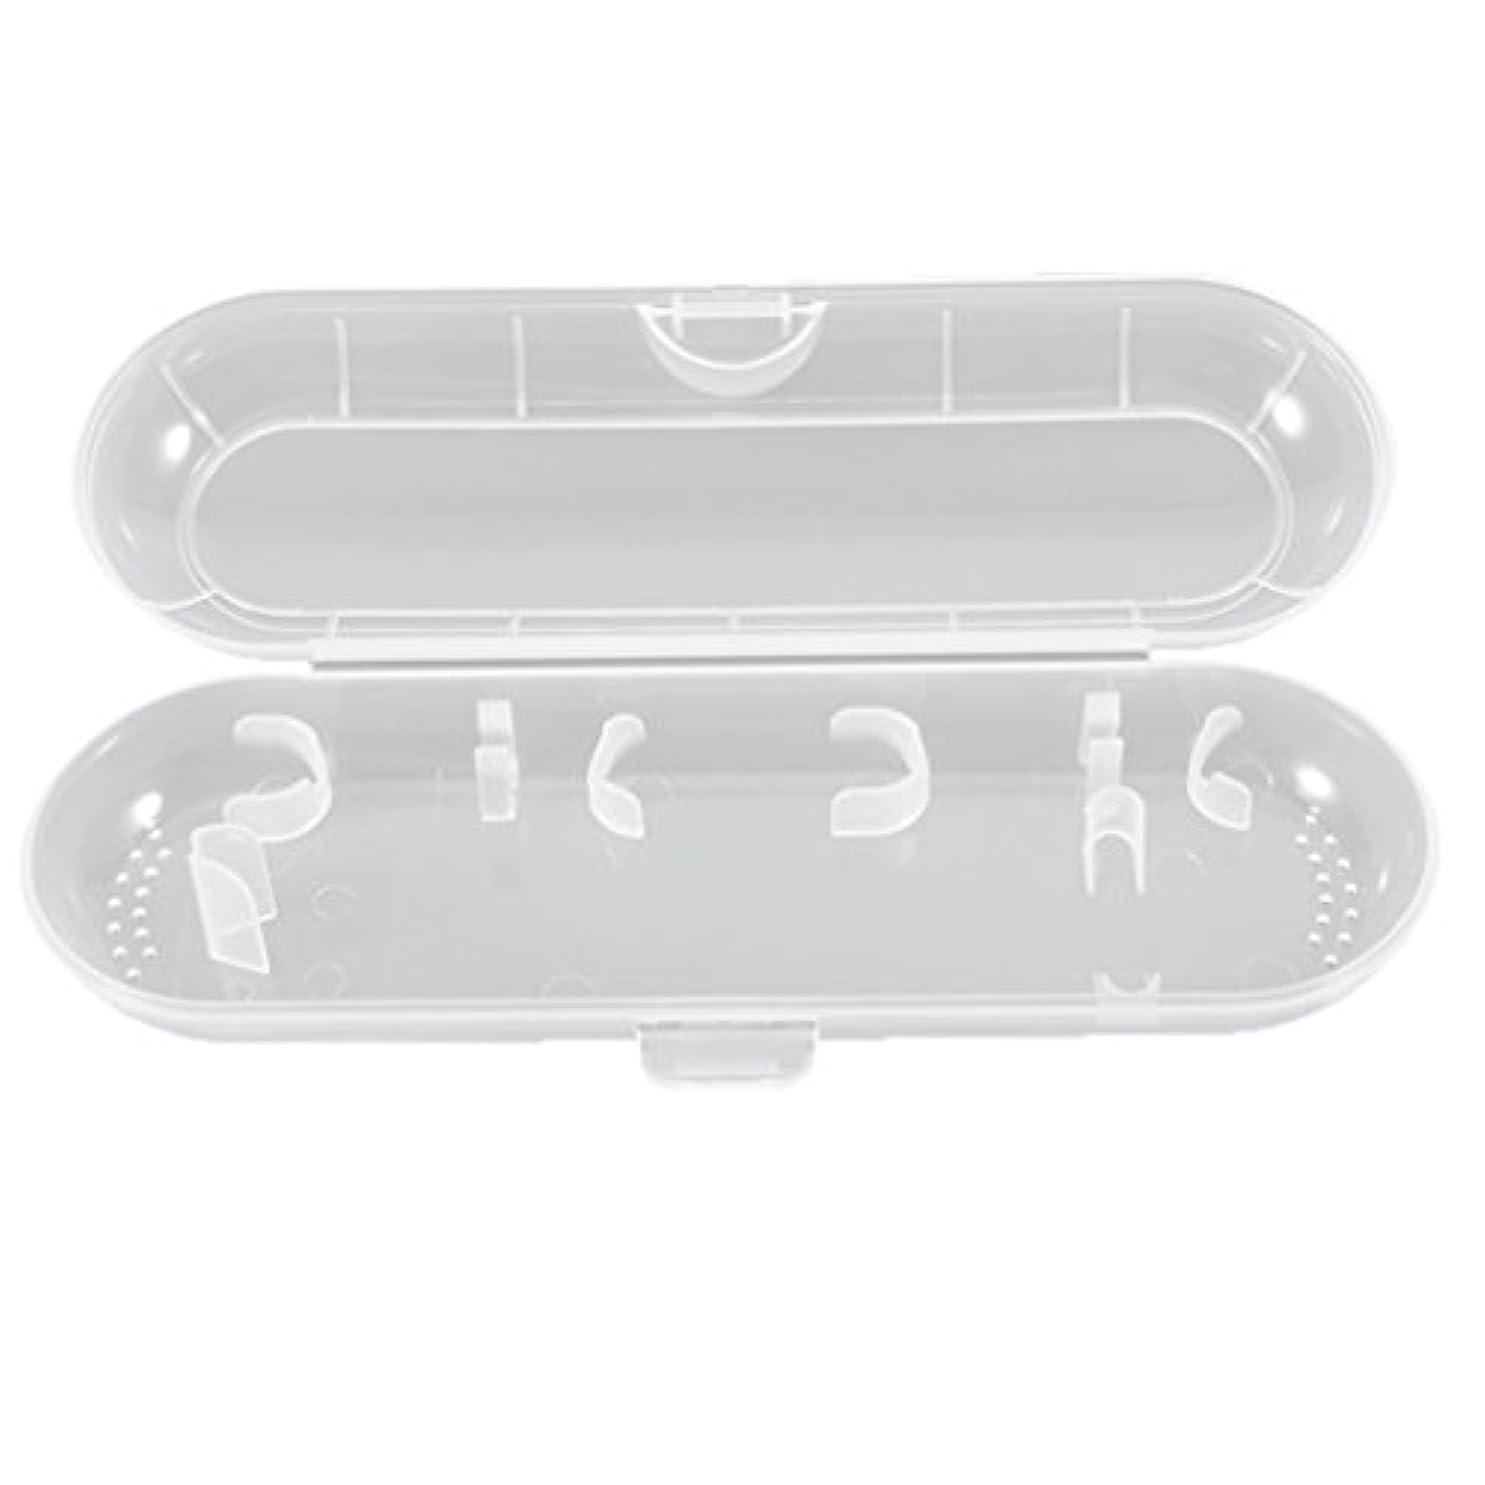 モンク遠近法とてもHonel 透明 電動歯ブラシ収納ボックス プラスチック 電動歯ブラシケース 収納ケース ブラウン オーラルB対応